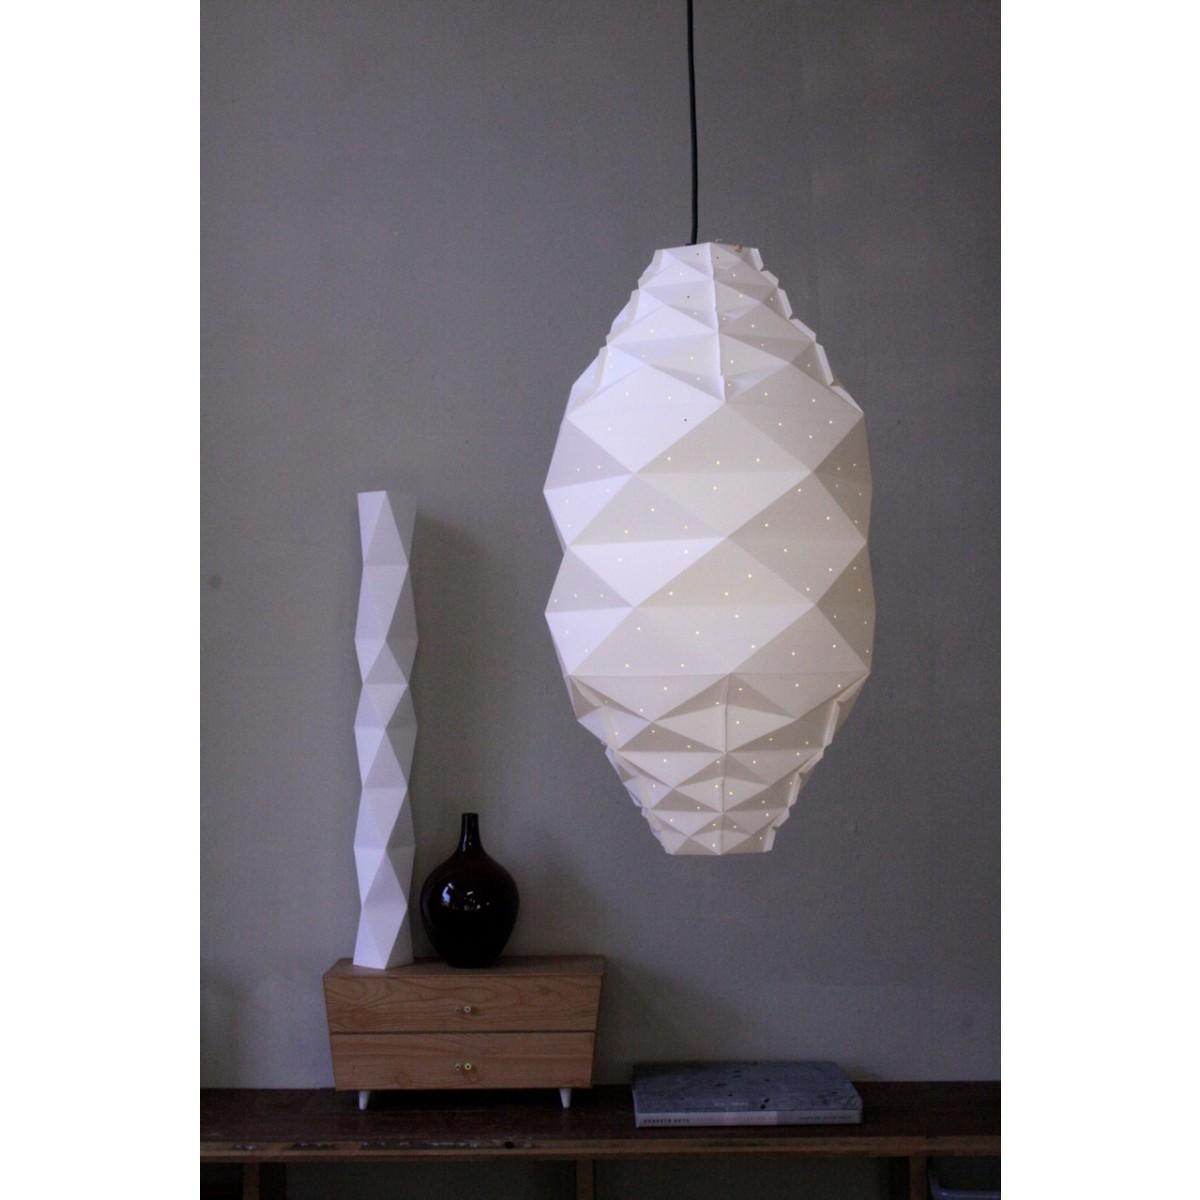 Lampionade Astrum-Papierlampion